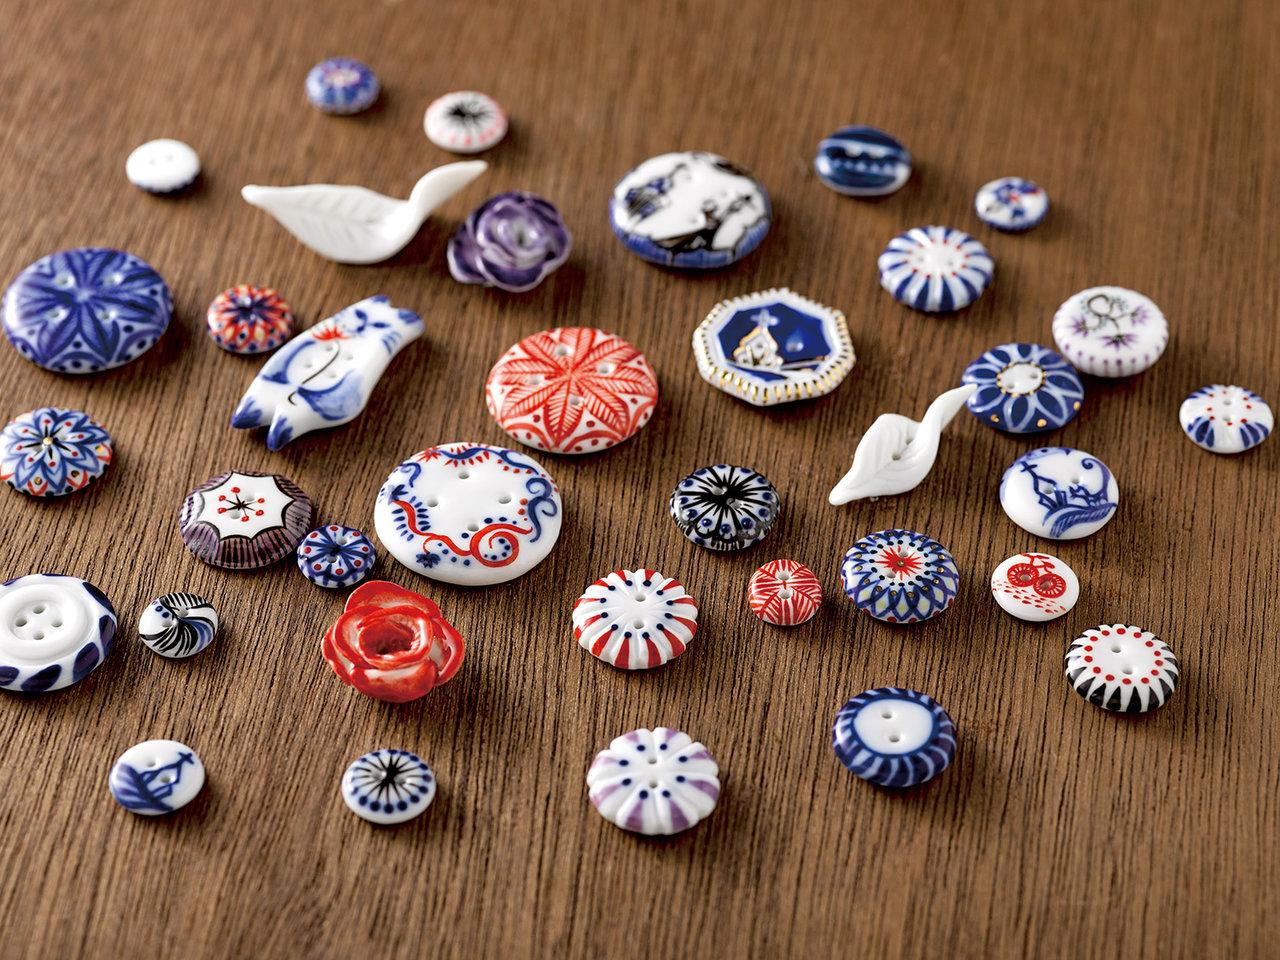 天草陶石の磁器ボタン「天草ボタン」